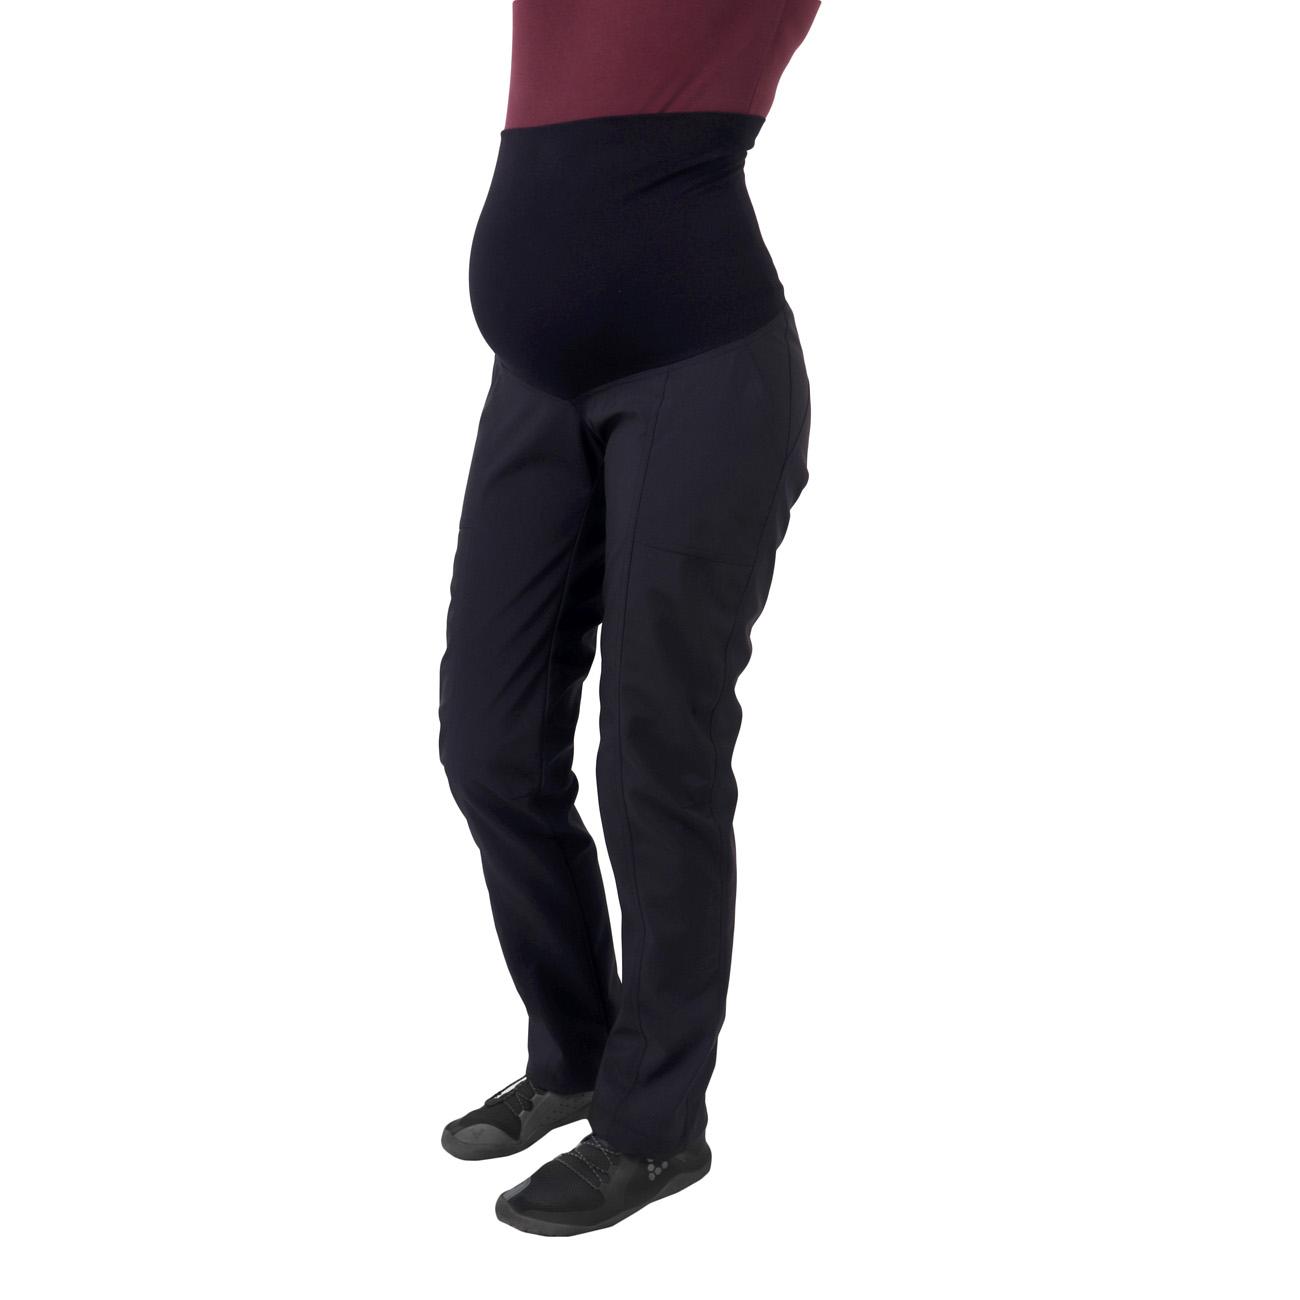 Jarní/letní těhotenské softshellové kalhoty liva, černé, 40 normální délka